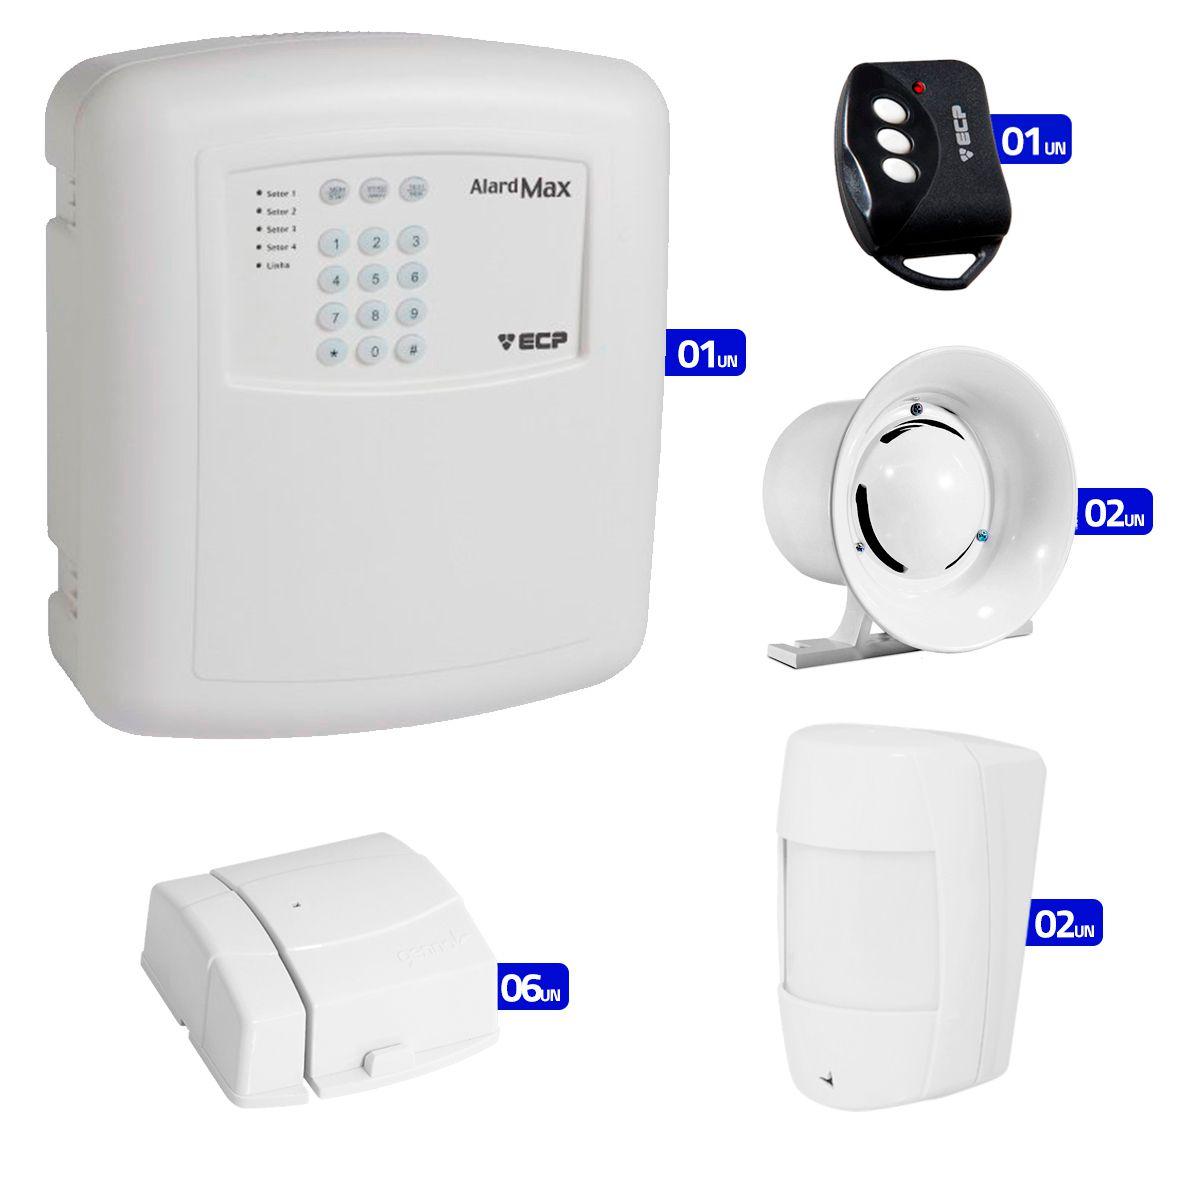 Kit de Alarme Residencial, Comercial com 08 Sensores sem fio ECP + 01 Controle Remoto, aviso de disparo por Telefone  - Tudo Forte